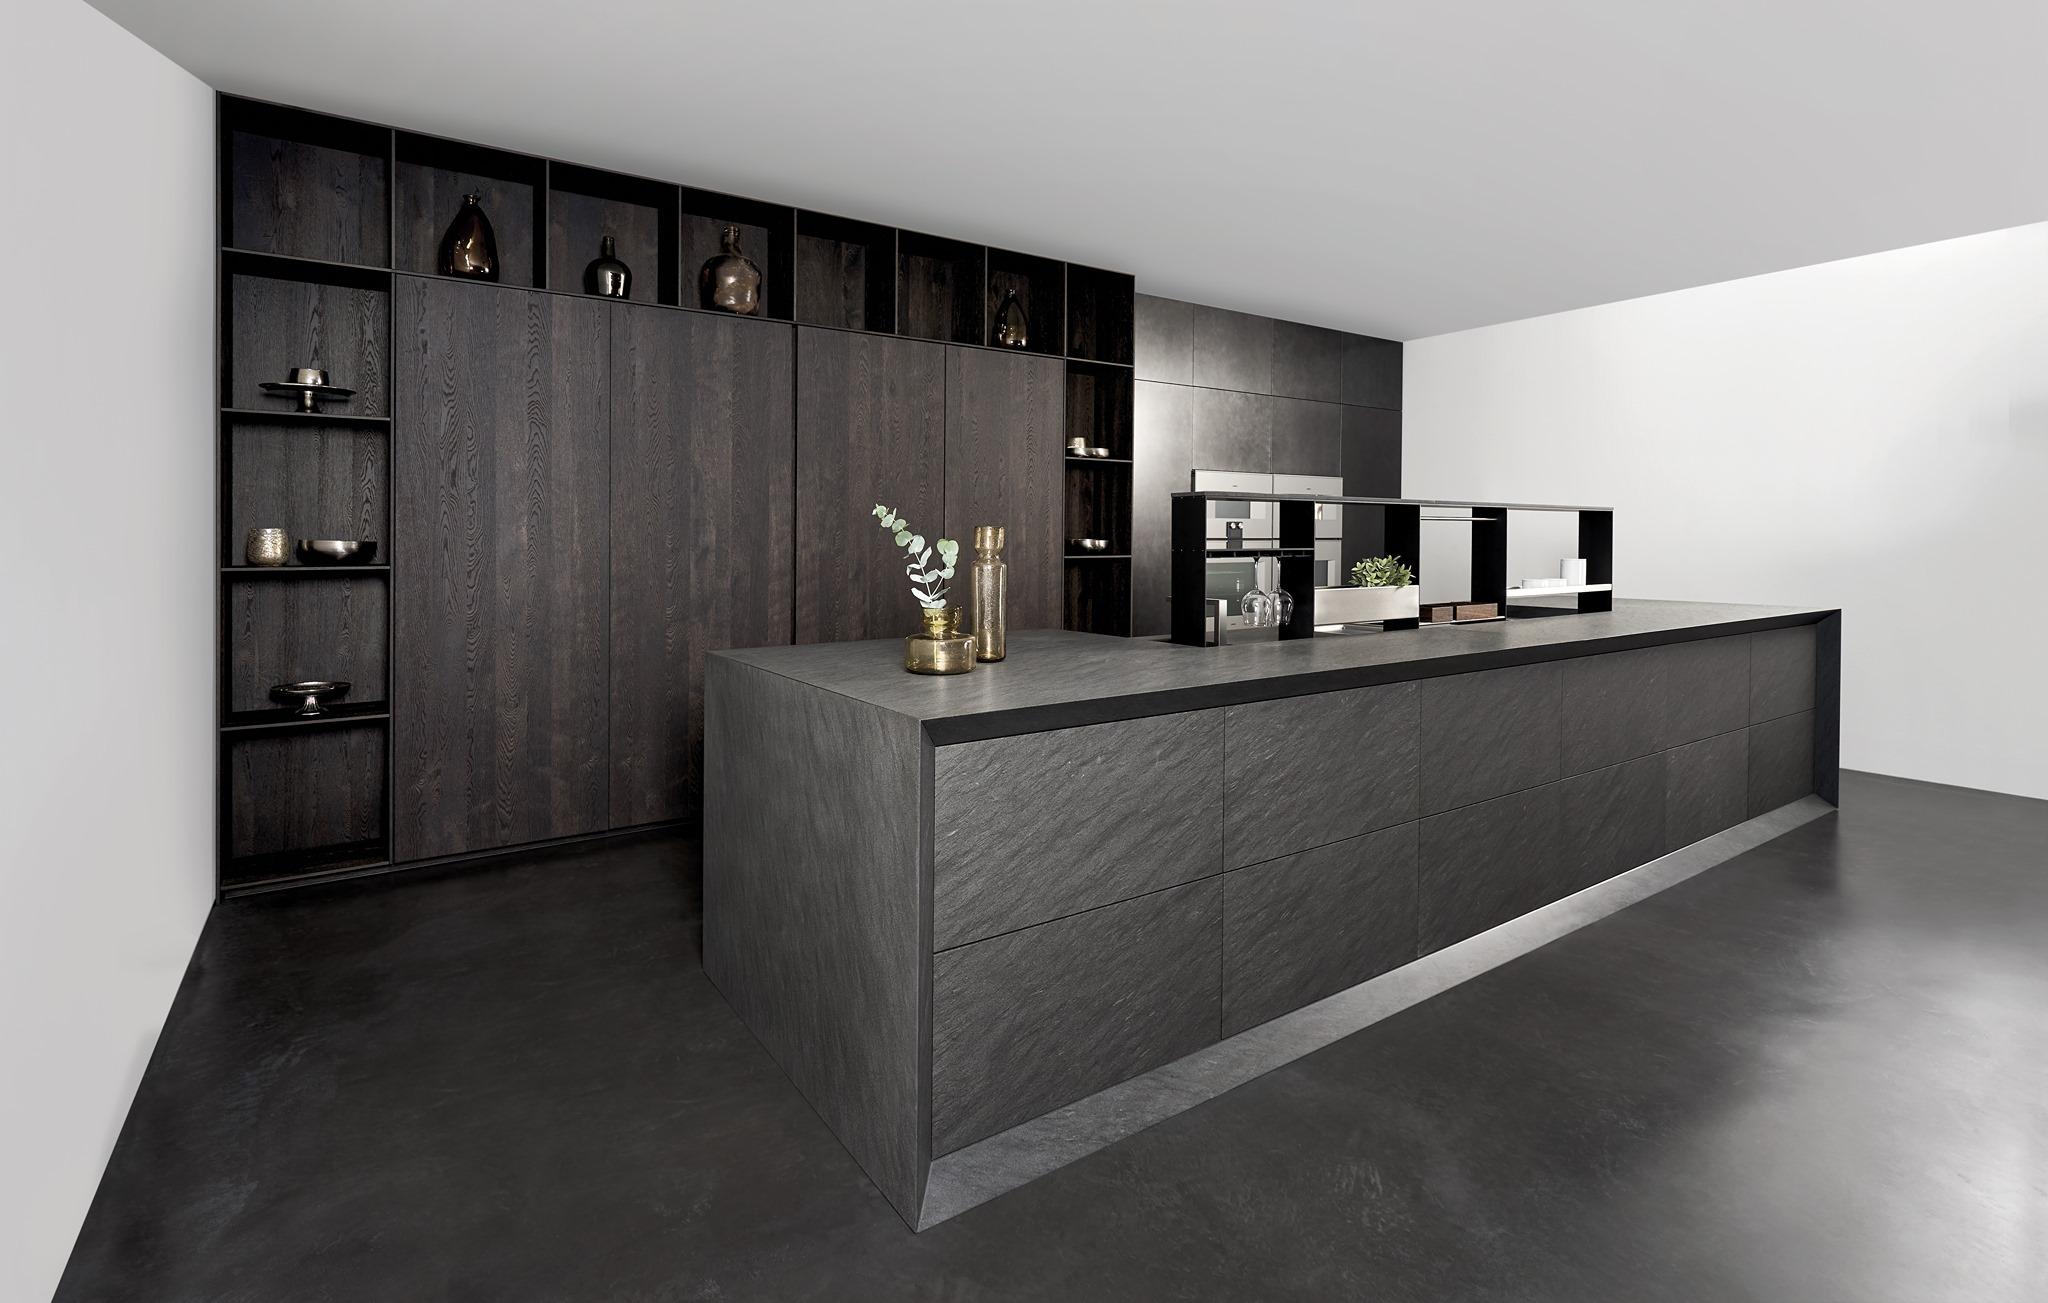 Carbon Grey - Bagnara